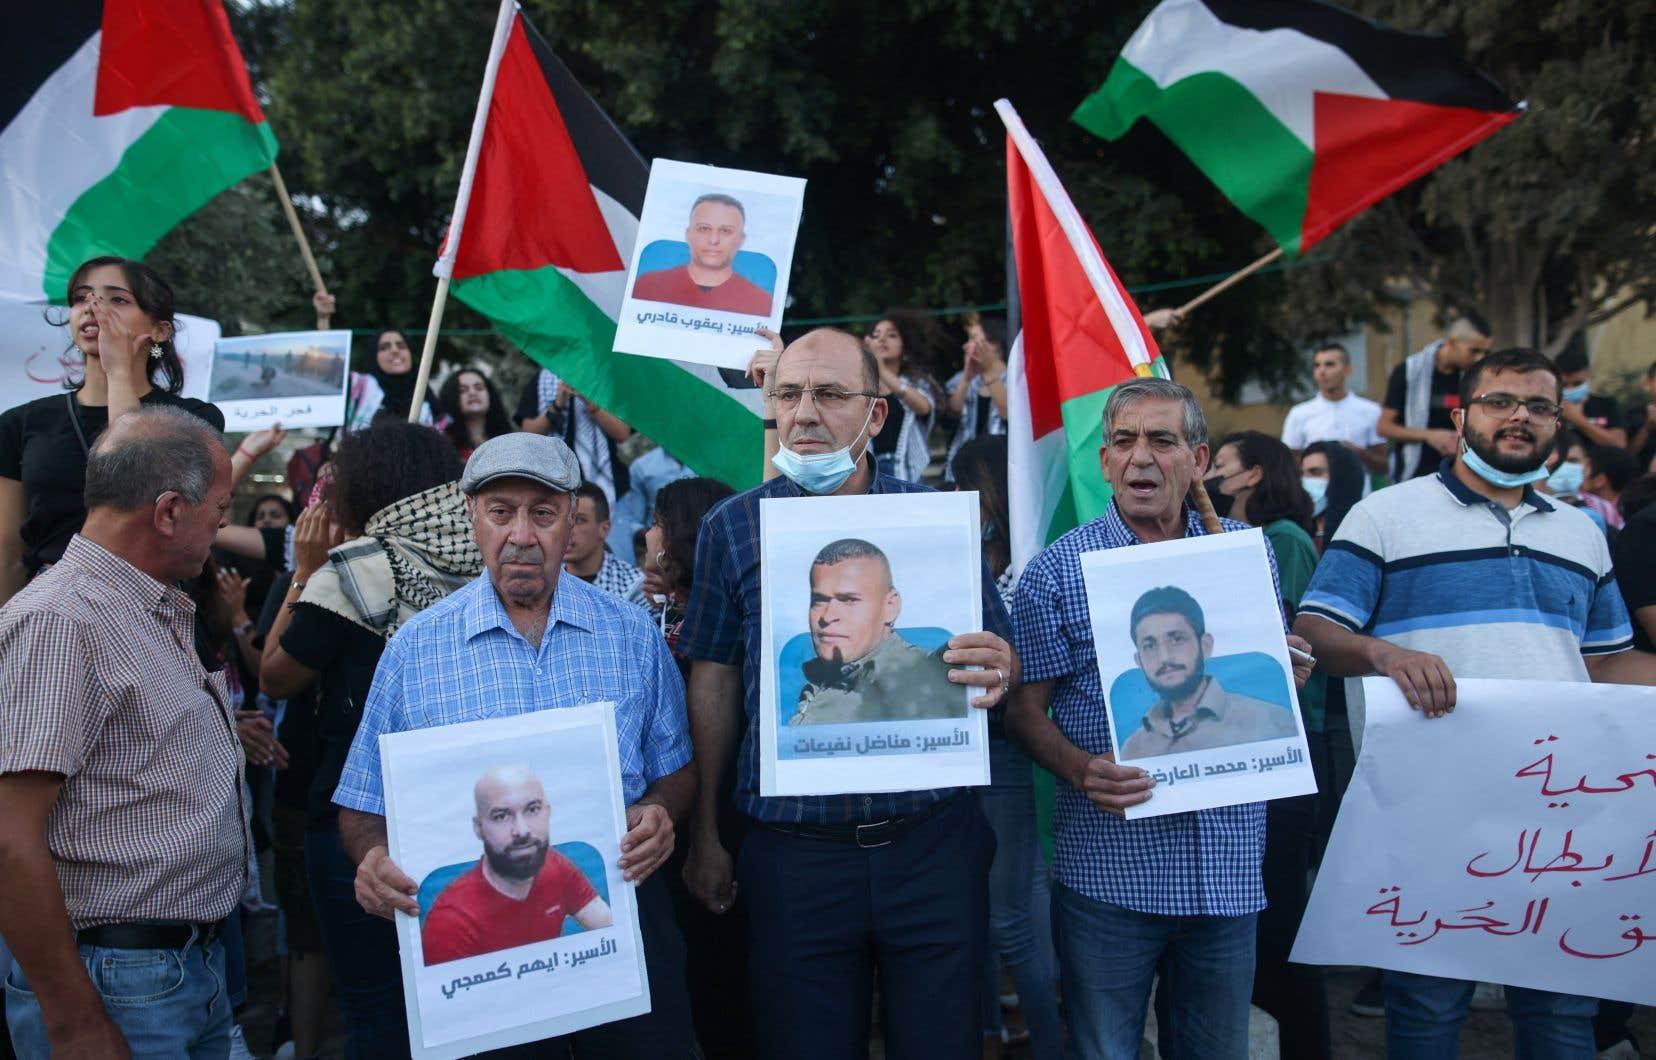 Selon la commission chargée des prisonniers, des négociations se tiennent entre l'administration pénitentiaire israélienne et des représentants des prisonniers, sans succès pour le moment.